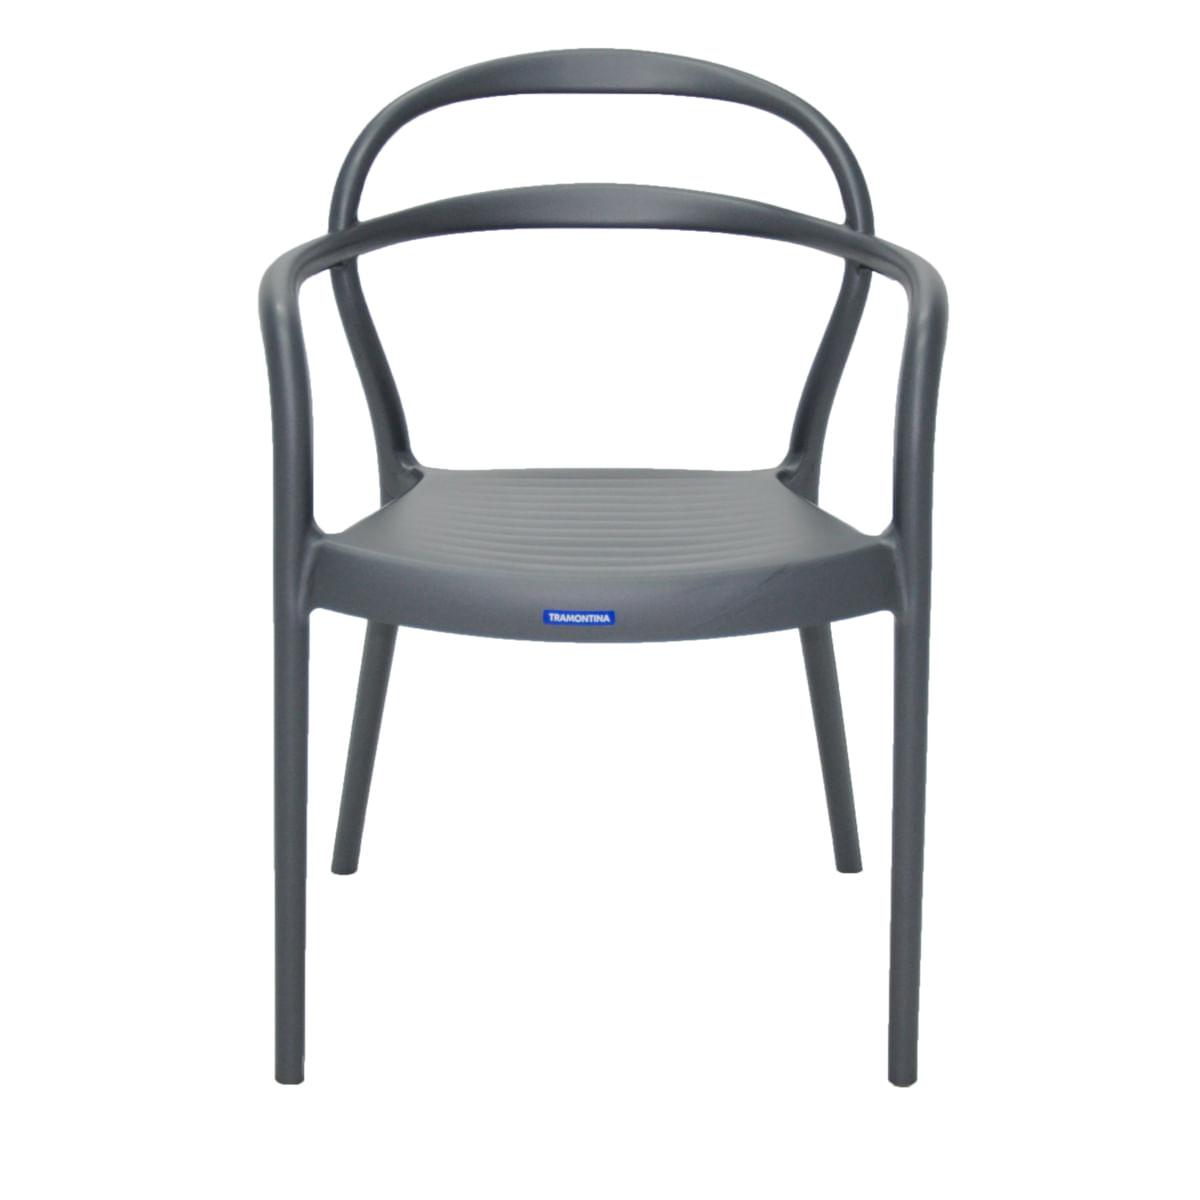 Cadeira Tramontina Sissi Grafite com Braços em Polipropileno e Fibra de Vidro